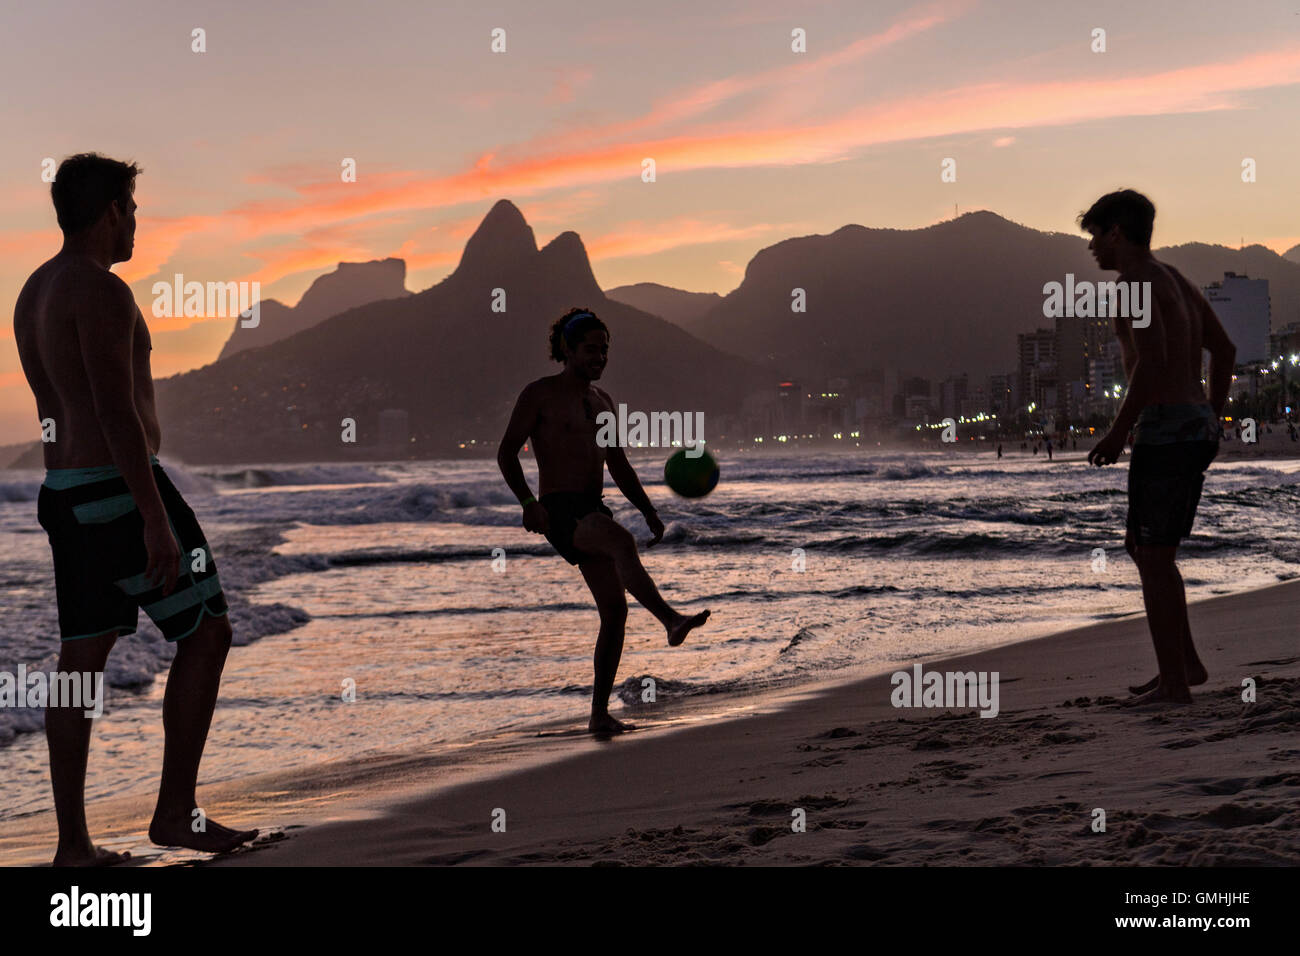 Les jeunes hommes jouent au football sur la plage d'Ipanema silhouetté par le coucher du soleil avec les Photo Stock